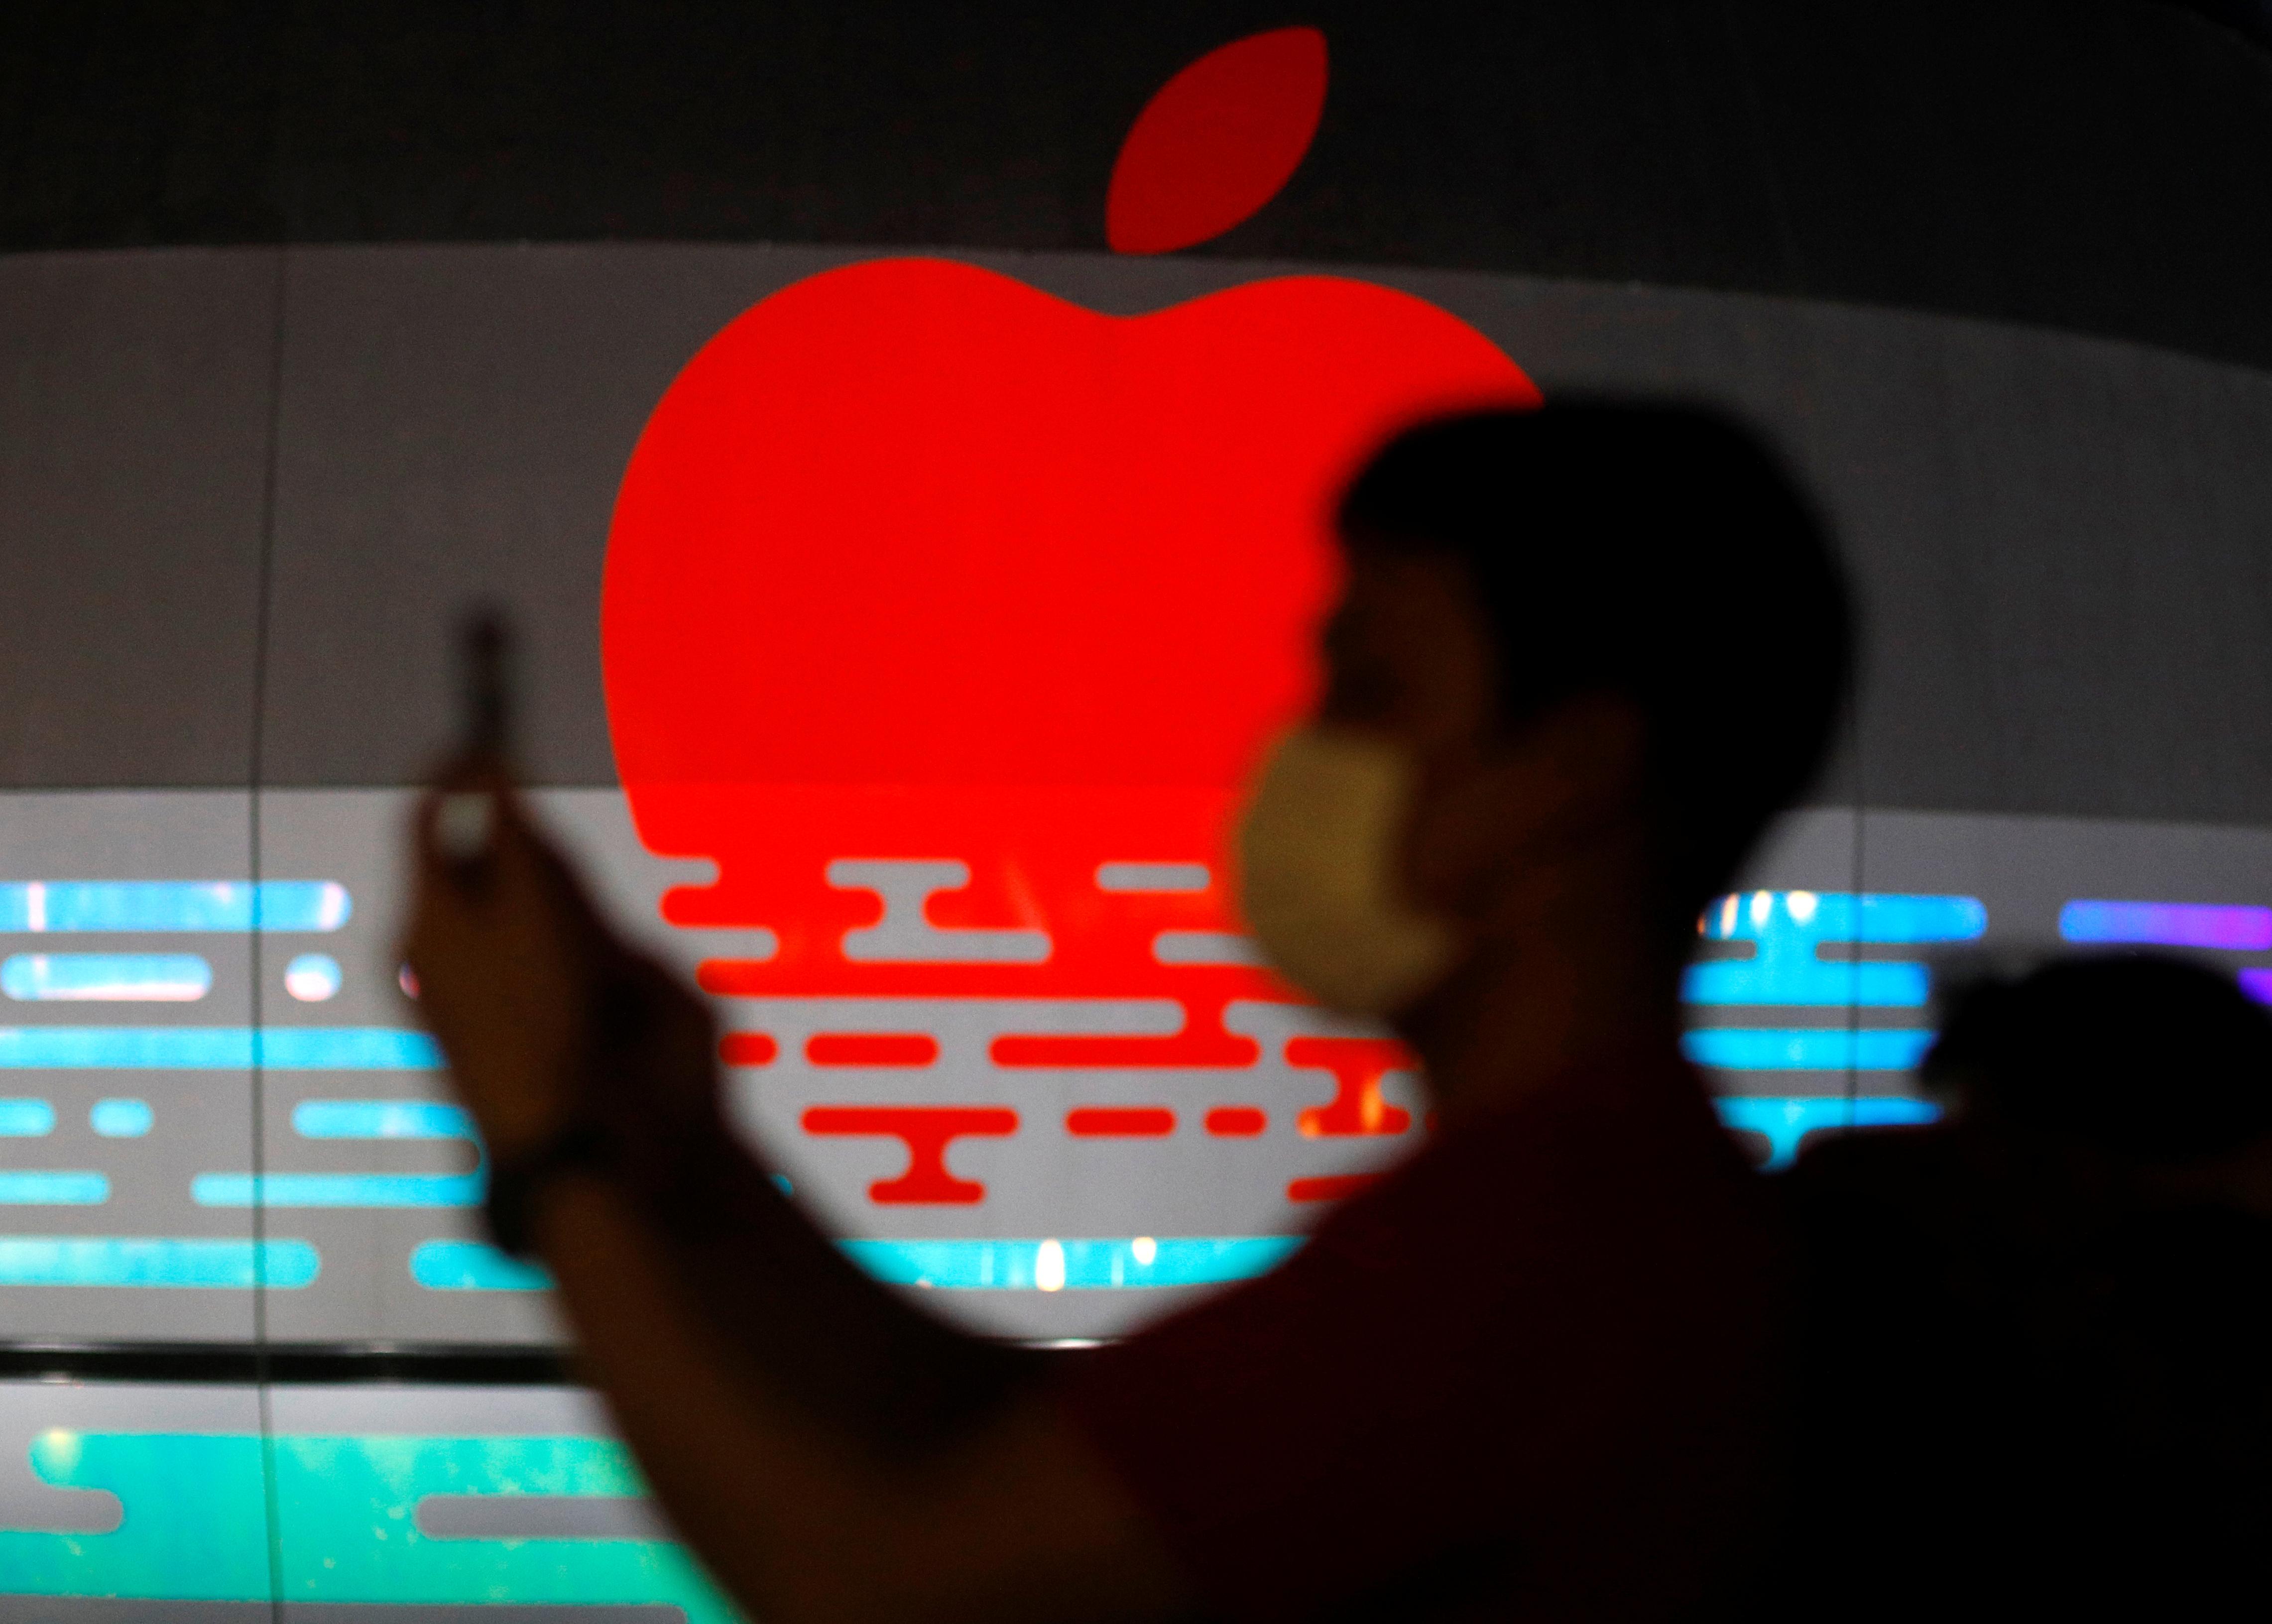 Больше 400 разработчиков хотят объединиться против Apple